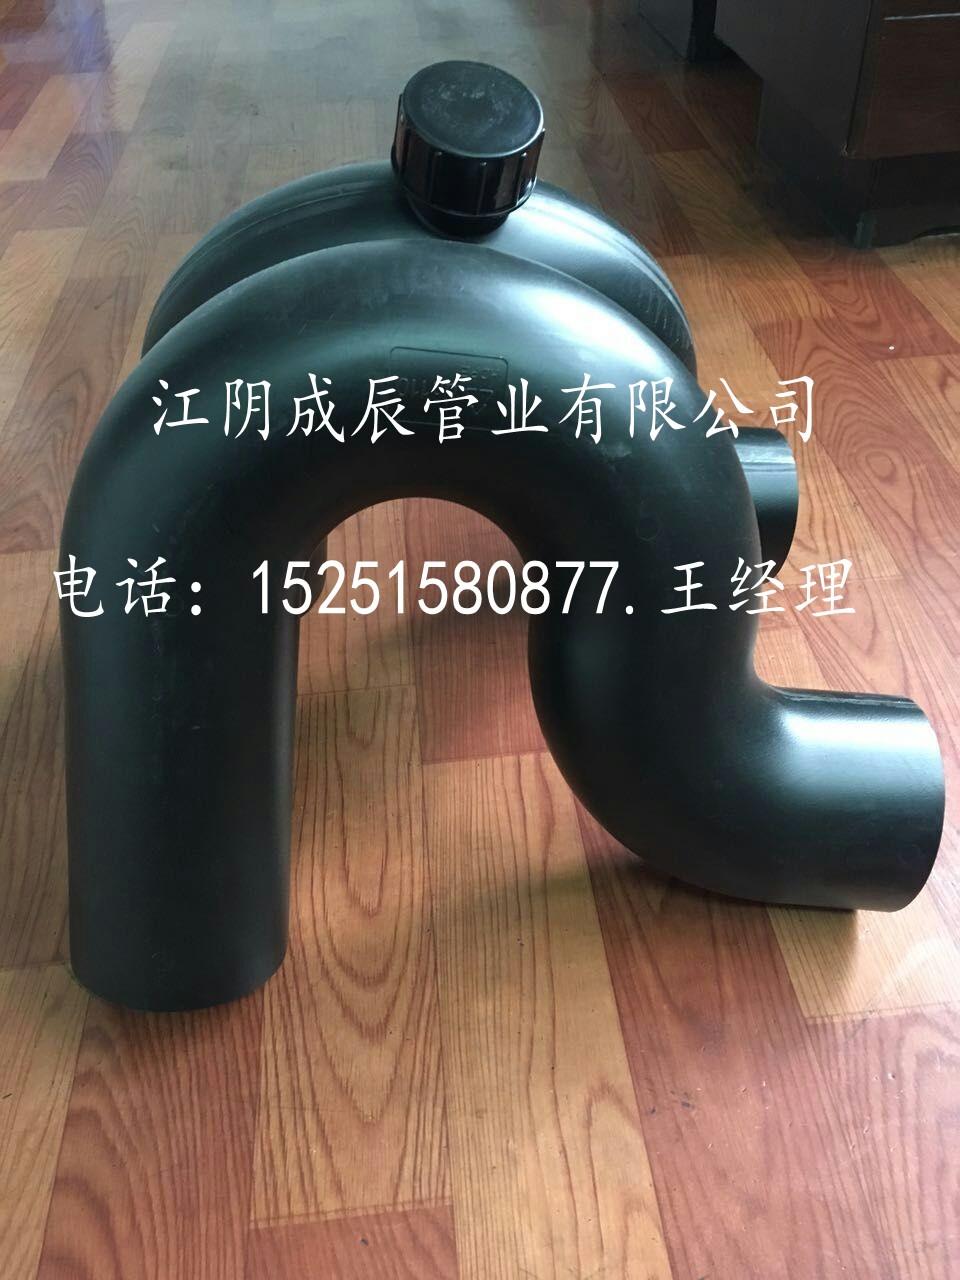 湖南雨水斗单价:288元/个专业生产厂家